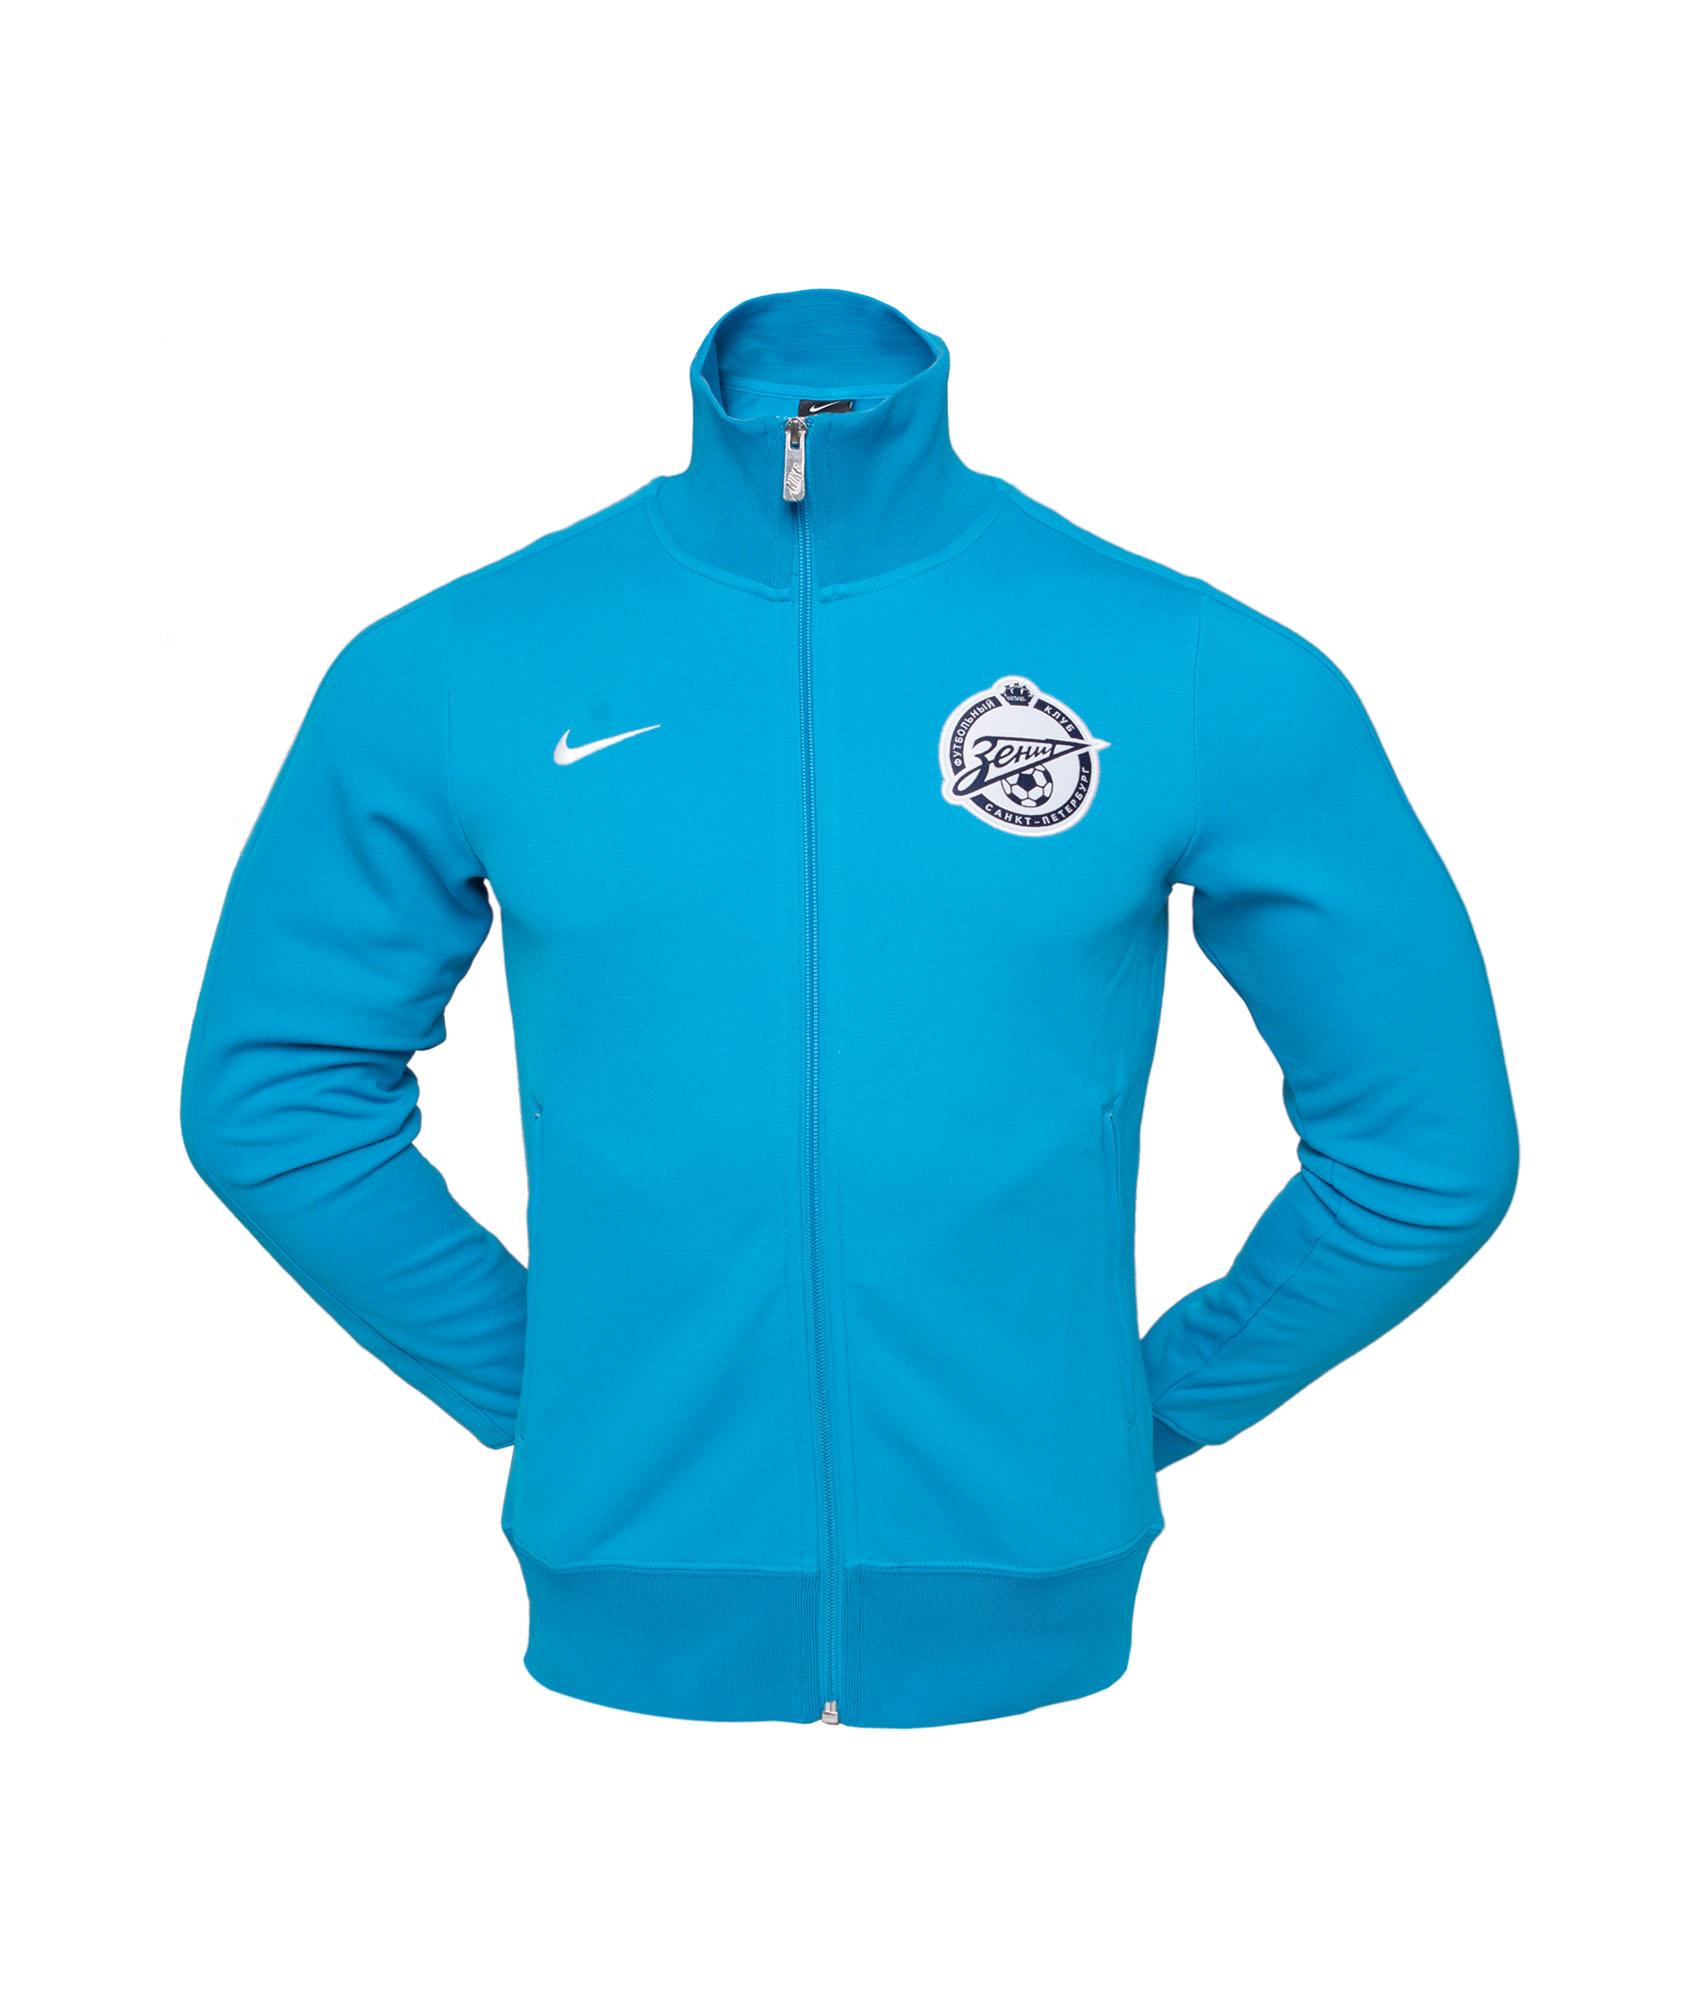 Лазурная олимпийка Nike, Цвет-Синий, Размер-XL